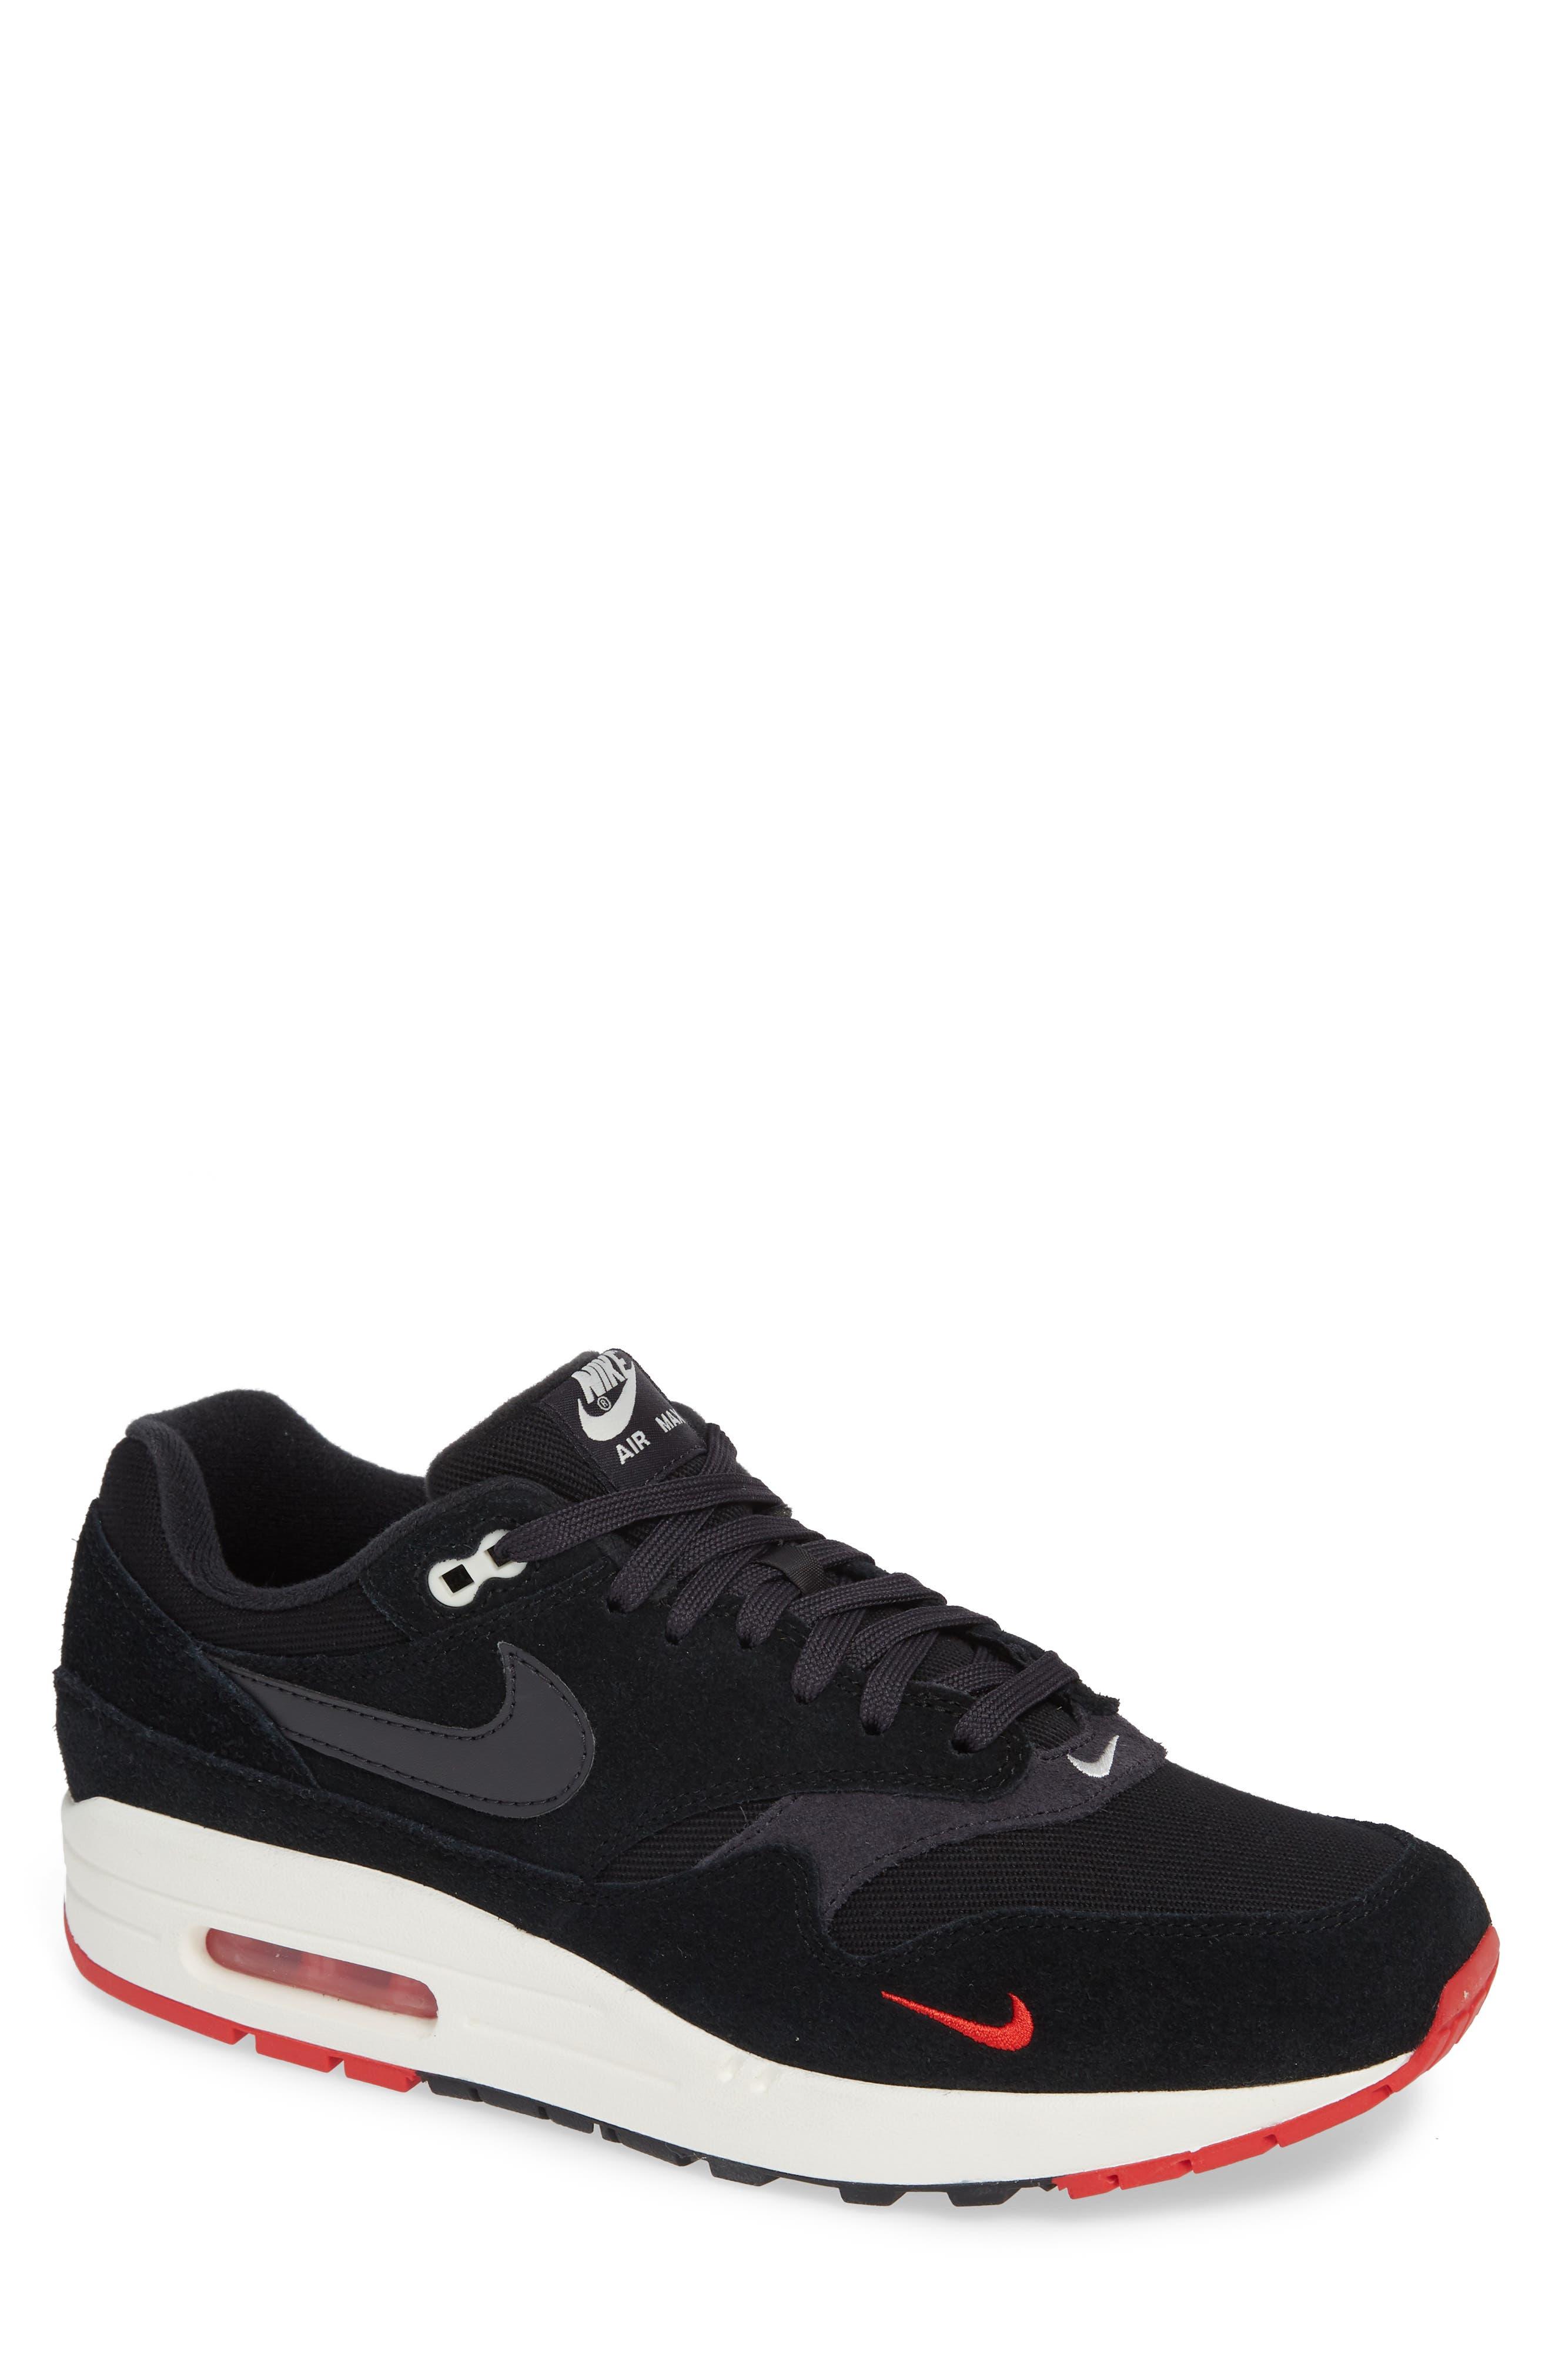 Air Max 1 Premium Sneaker,                             Main thumbnail 1, color,                             BLACK/ GREY/ UNIVERSITY RED